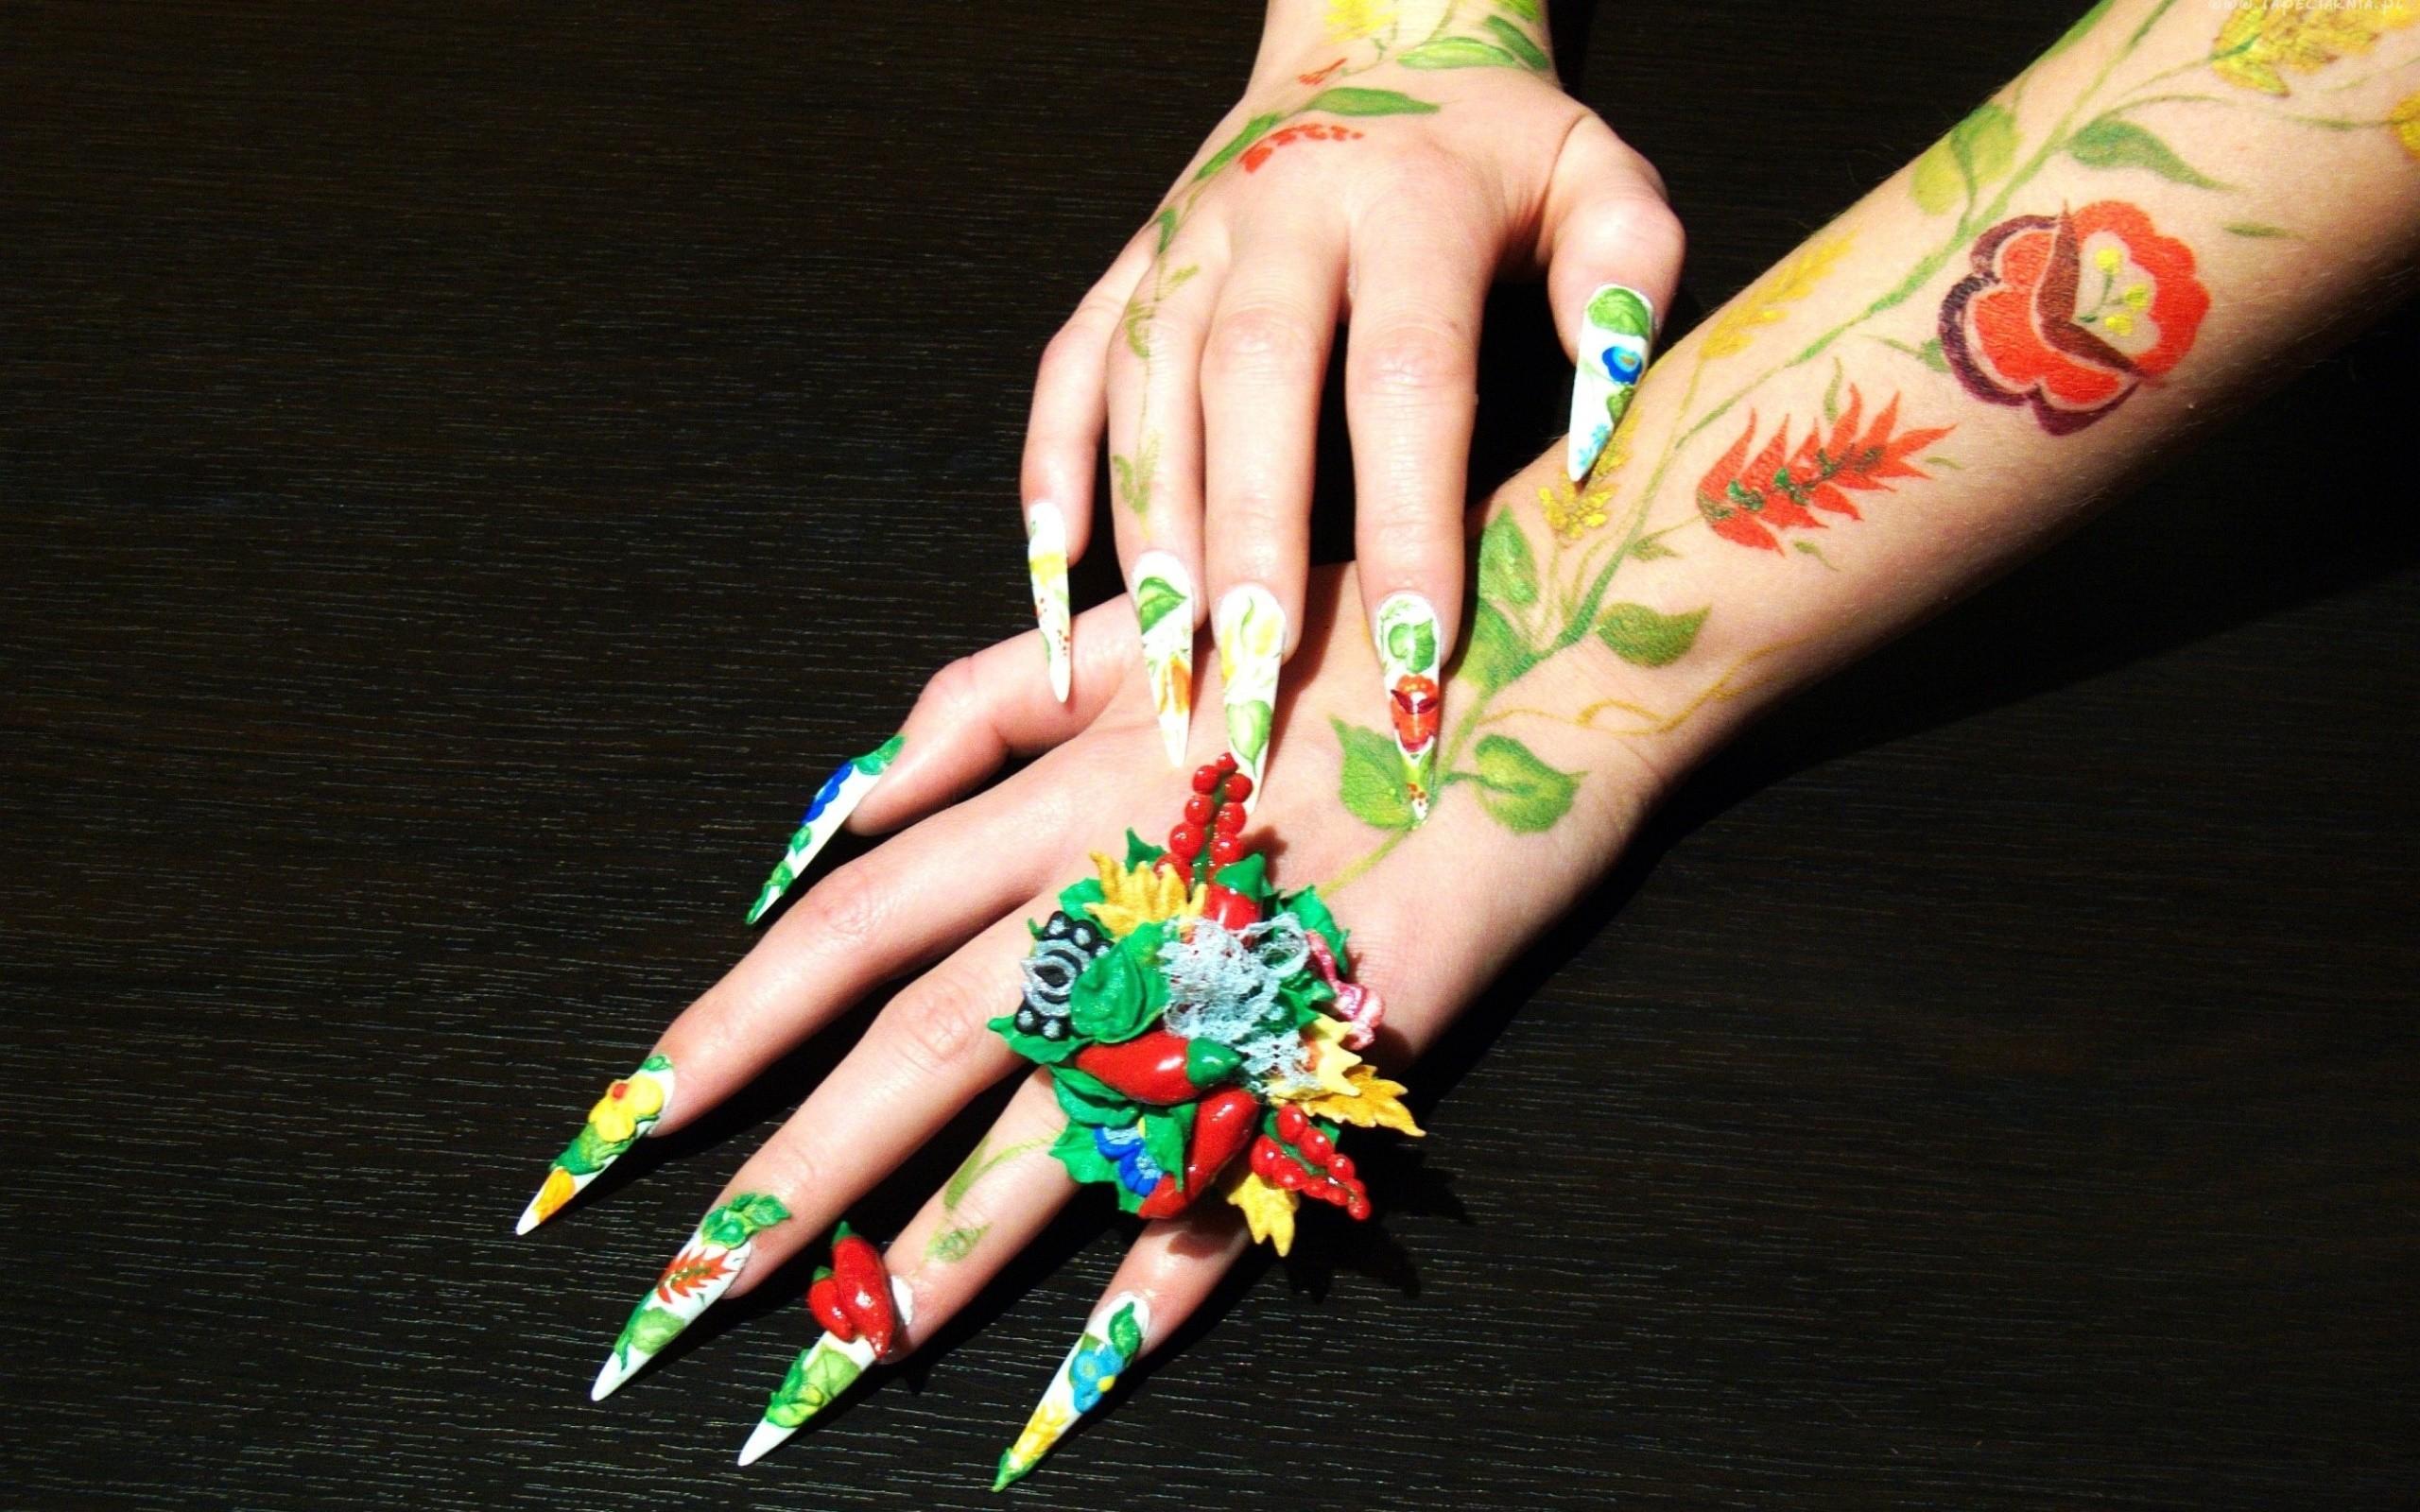 Tatuajes en las manos - 2560x1600